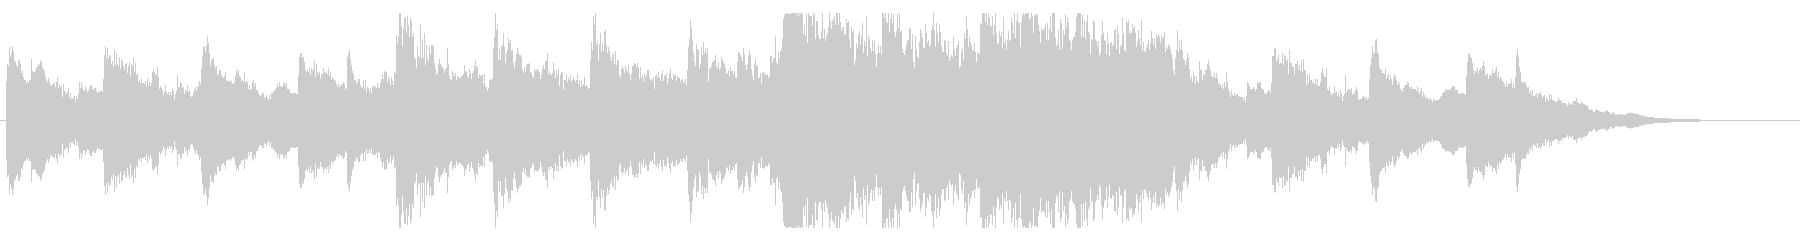 ラスボス戦でイベント中に流れる曲の未再生の波形